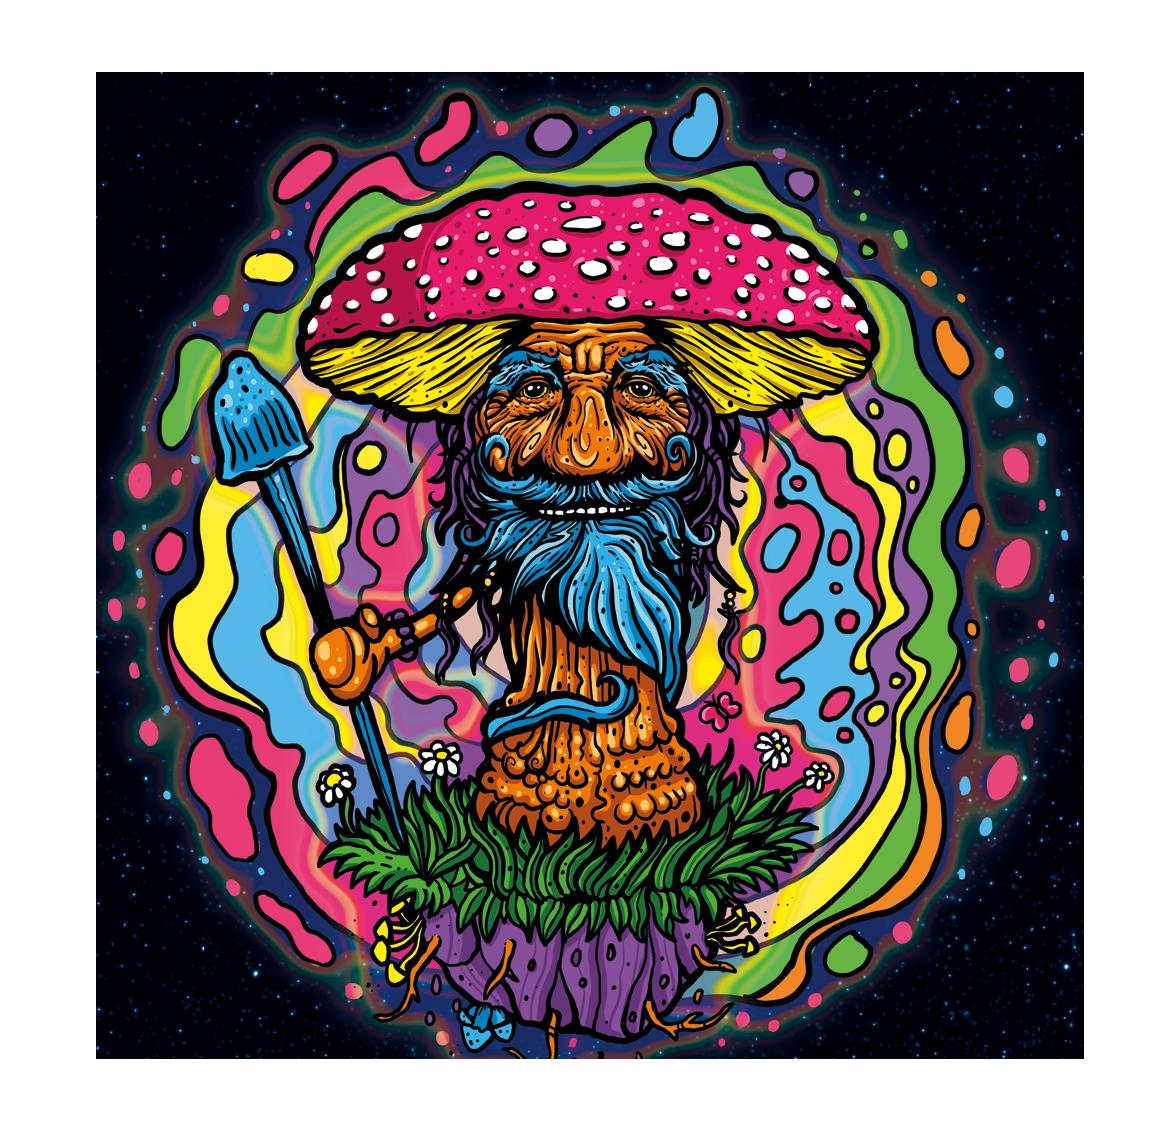 Psychedelic Mushroom Gummy brand